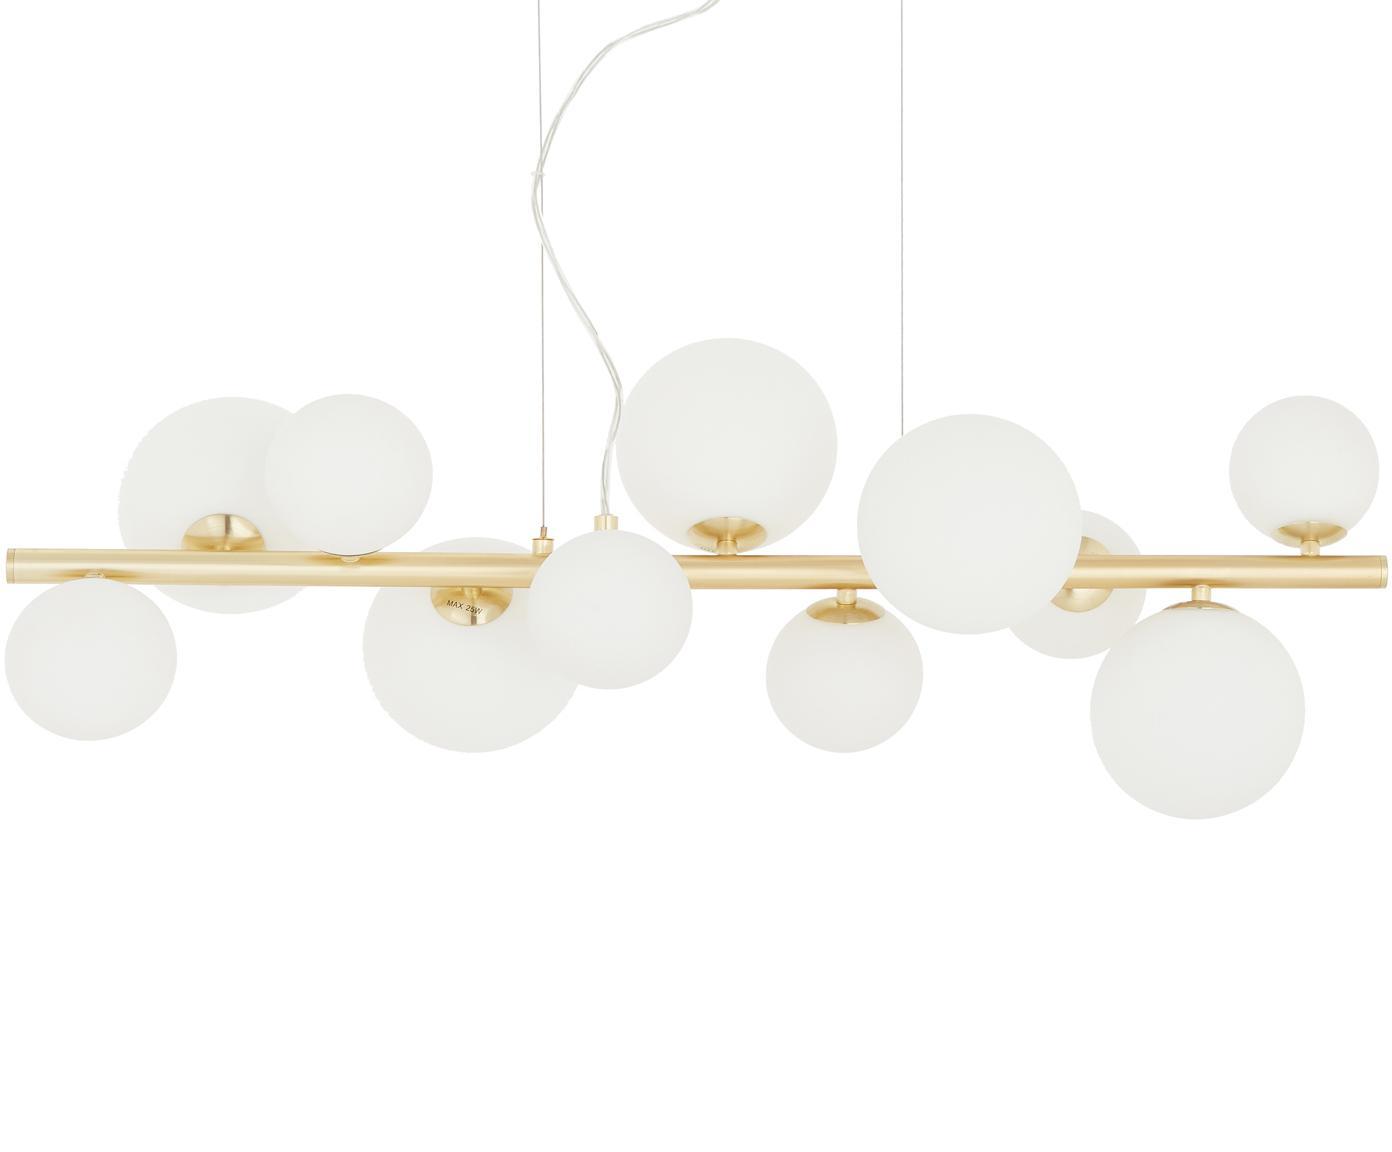 Lampa wisząca Molekyl, Biały, mosiądz, S 85 x W 26 cm